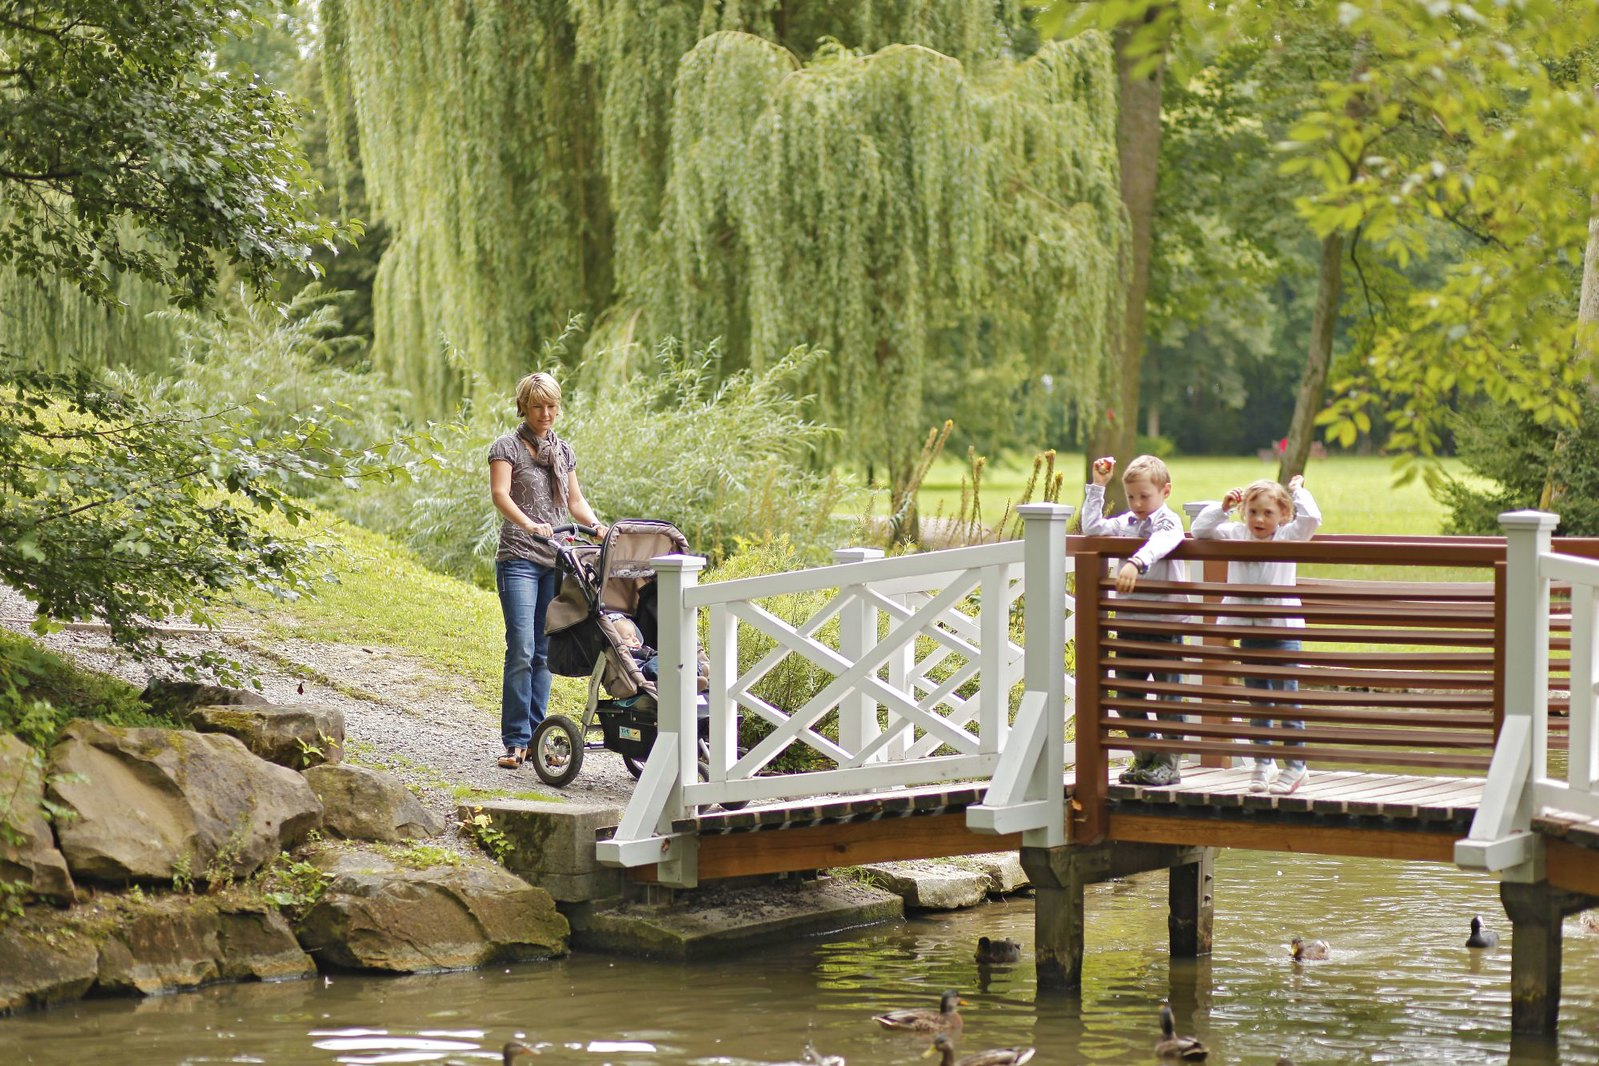 Der Schlosspark im Stil eines englischen Gartens ist eine weitläufige grüne Idylle.